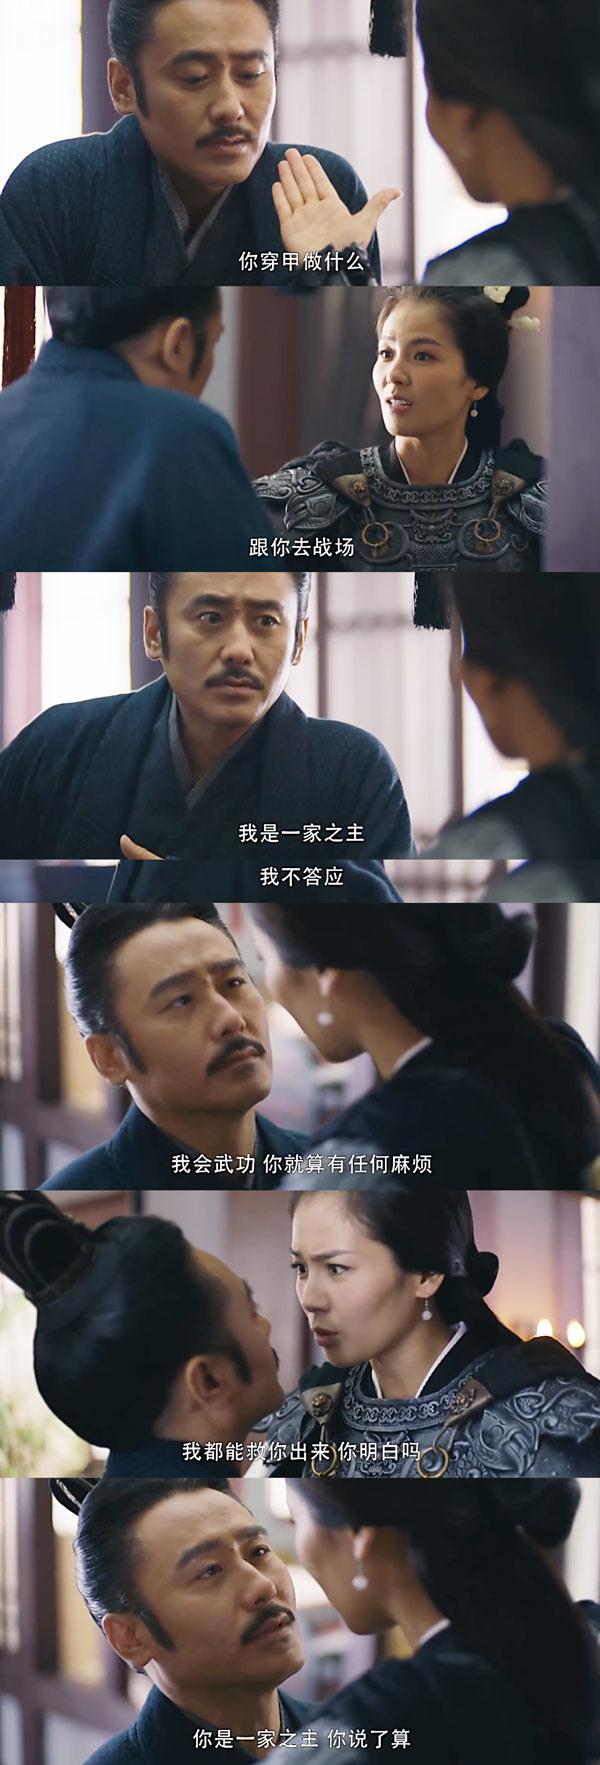 陸劇-軍師聯盟-37-司馬懿張春華-吳秀波劉濤.jpg